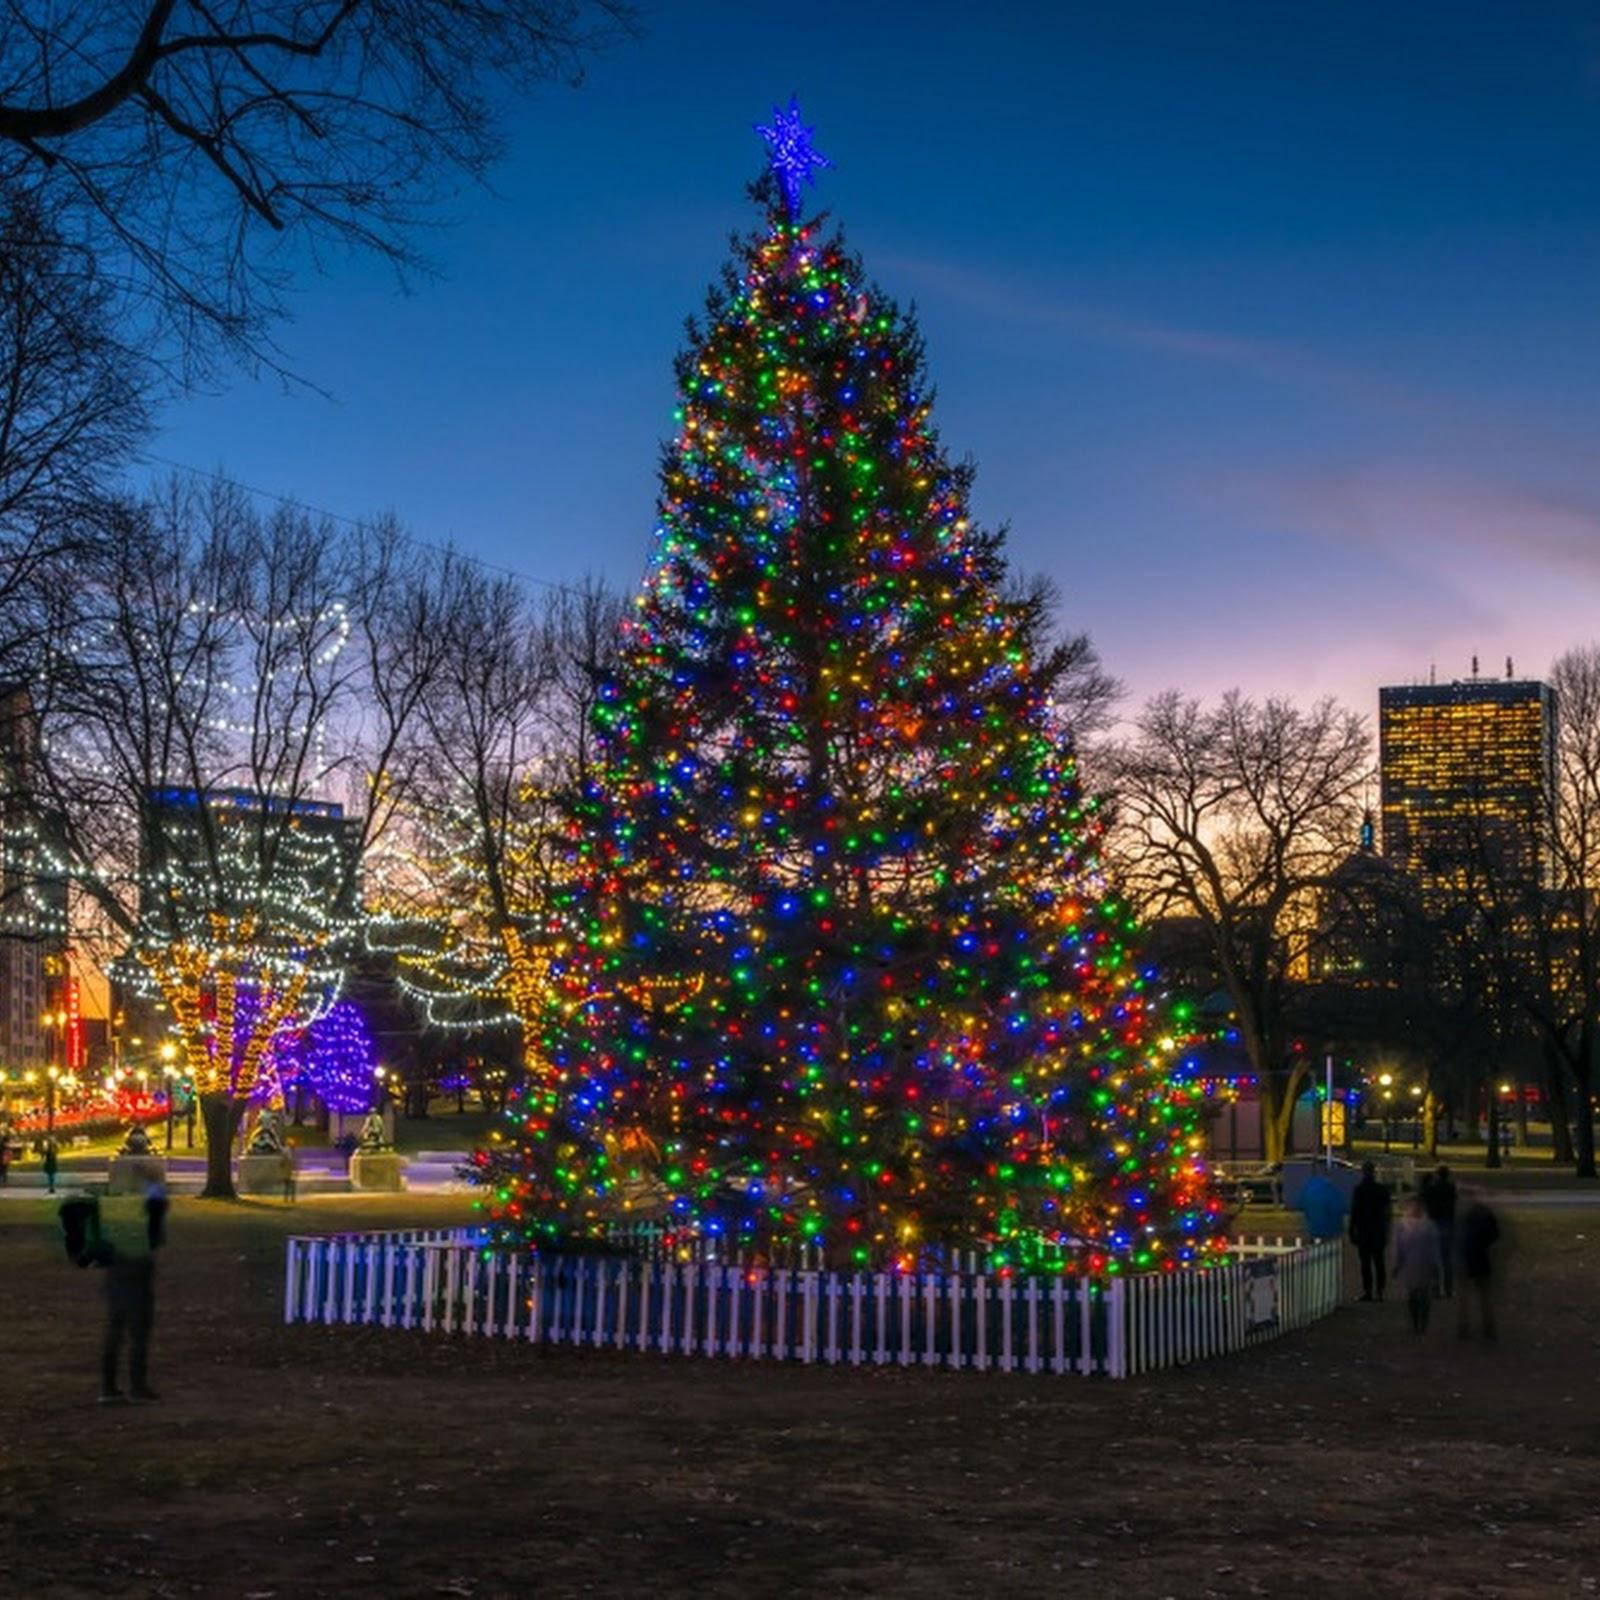 Nova Scotia's Christmas Gift to Boston